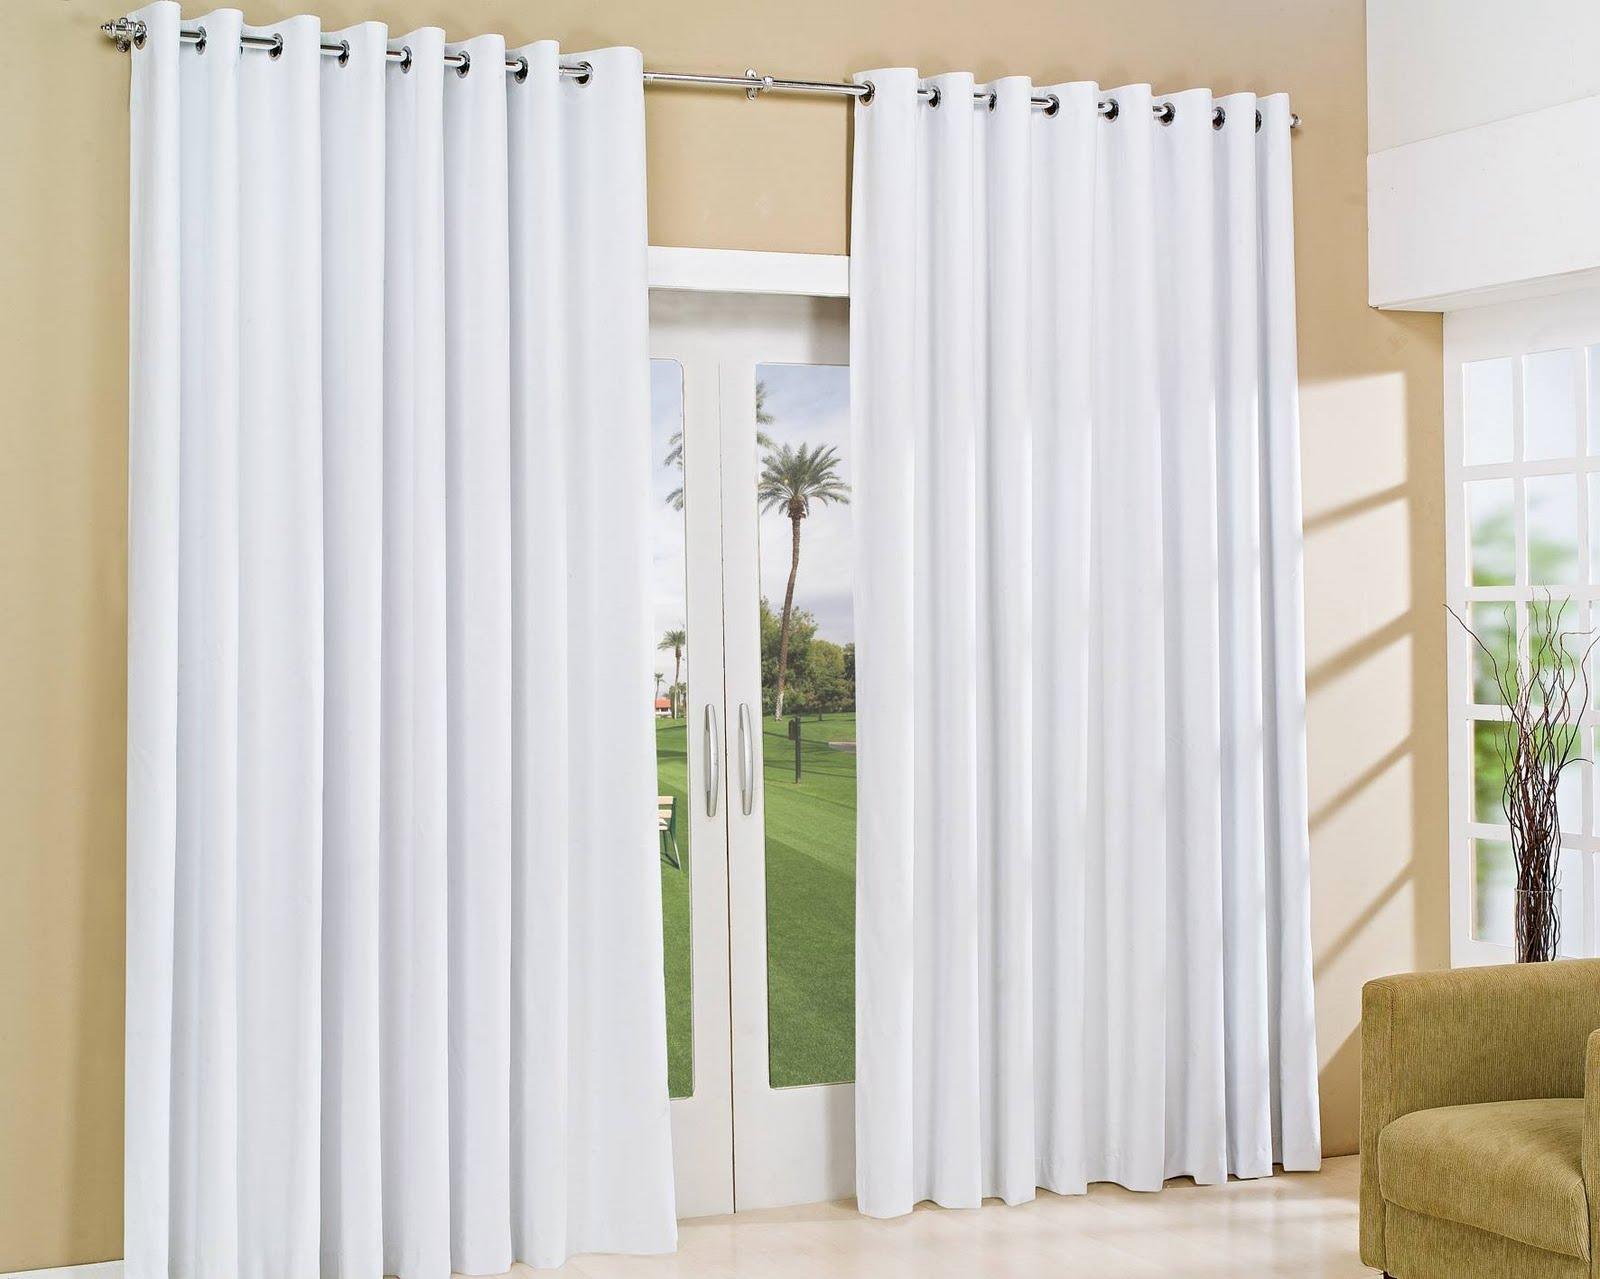 Lavar cortina em casa na maquina de lavar dicas da lucy for Ideas para cortinas